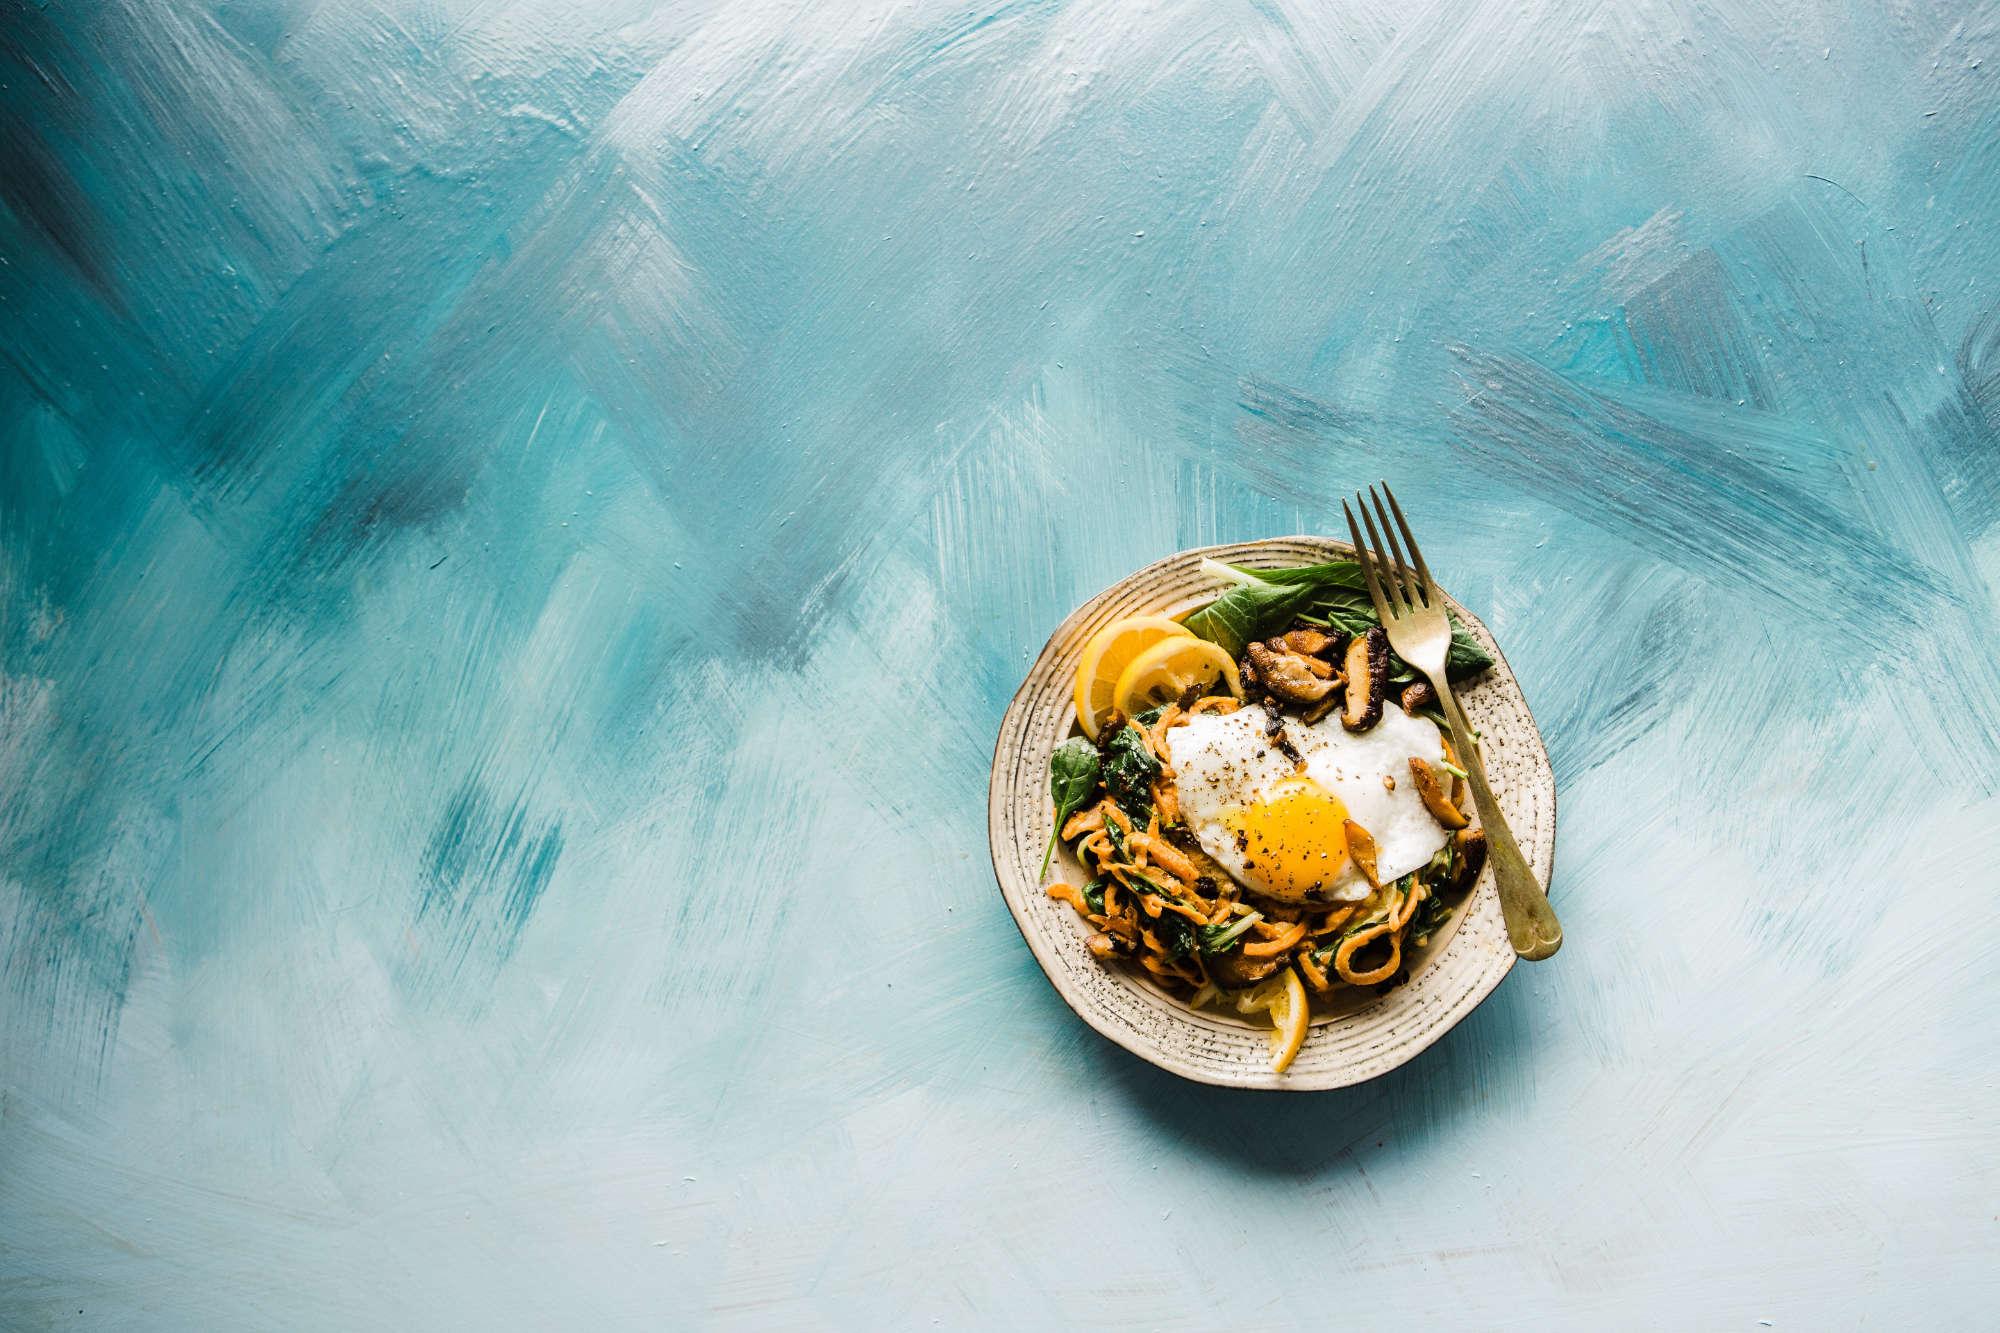 Les graisses alimentaires : ennemies ou amies ?